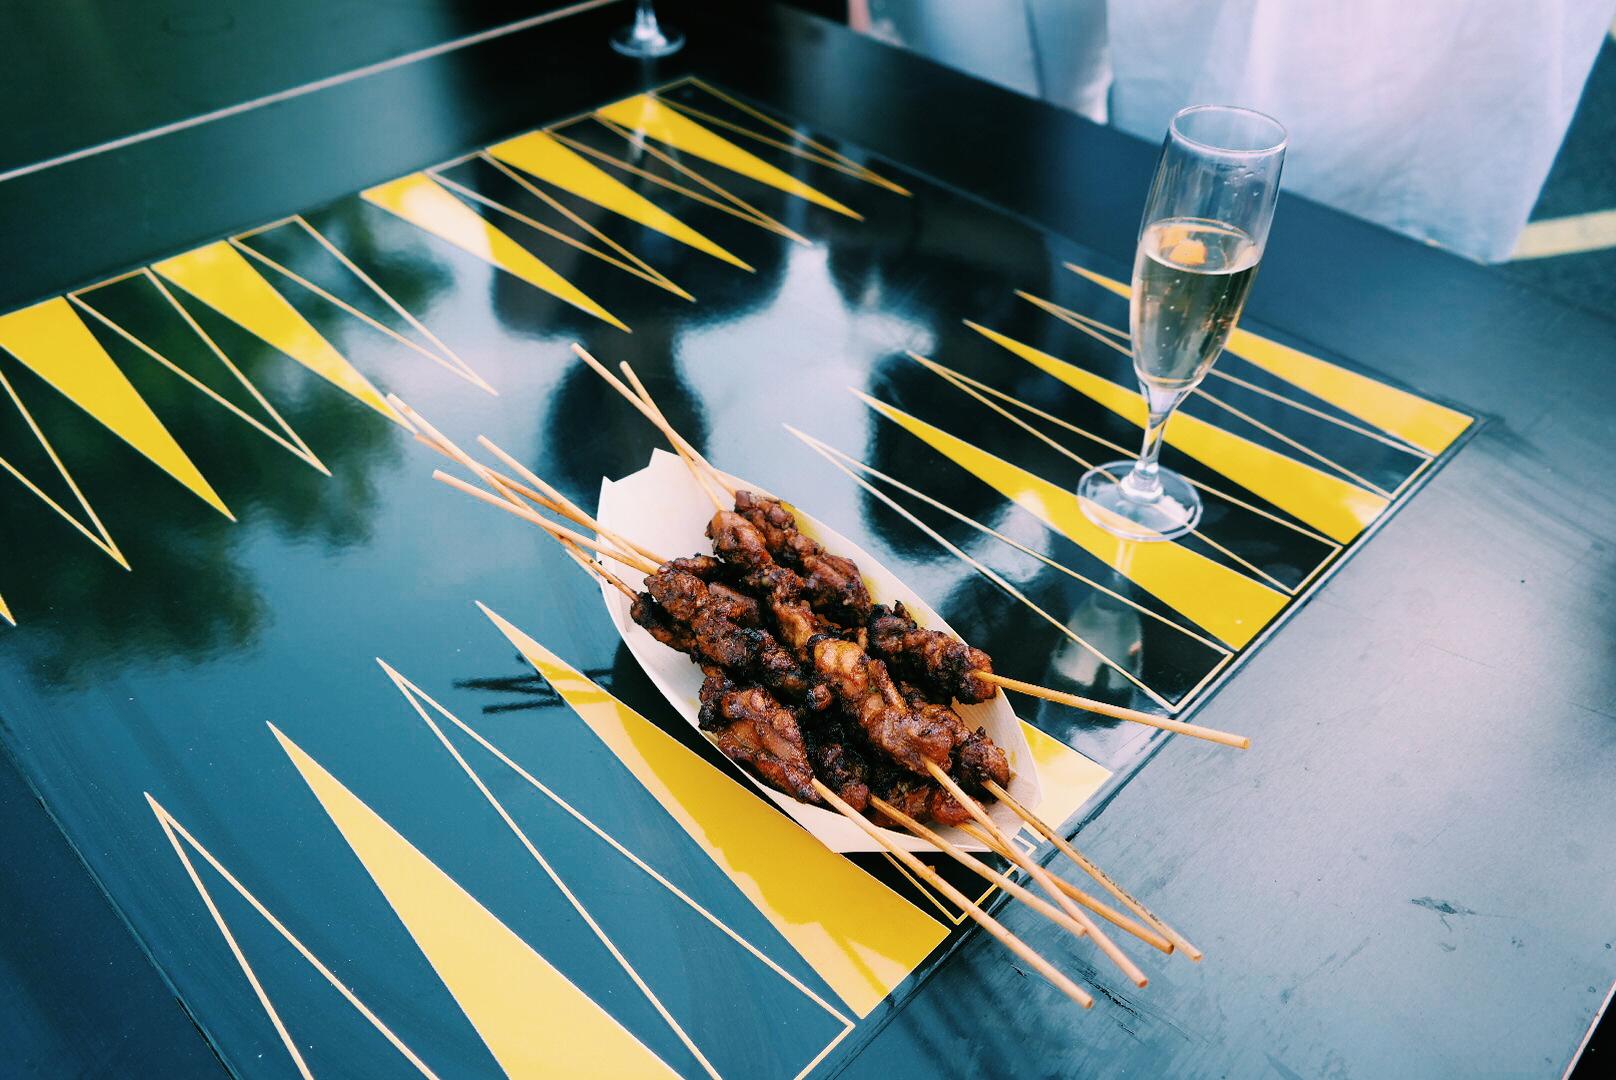 Satays-brochettes-de-viande-grillées-saveurs-de-Singapour-sur-les-berges-de-Seine-Paris-street-food-spécialités-Temasek-Polytechnic-juin-2015-photo-by-United-States-of-Paris-blog